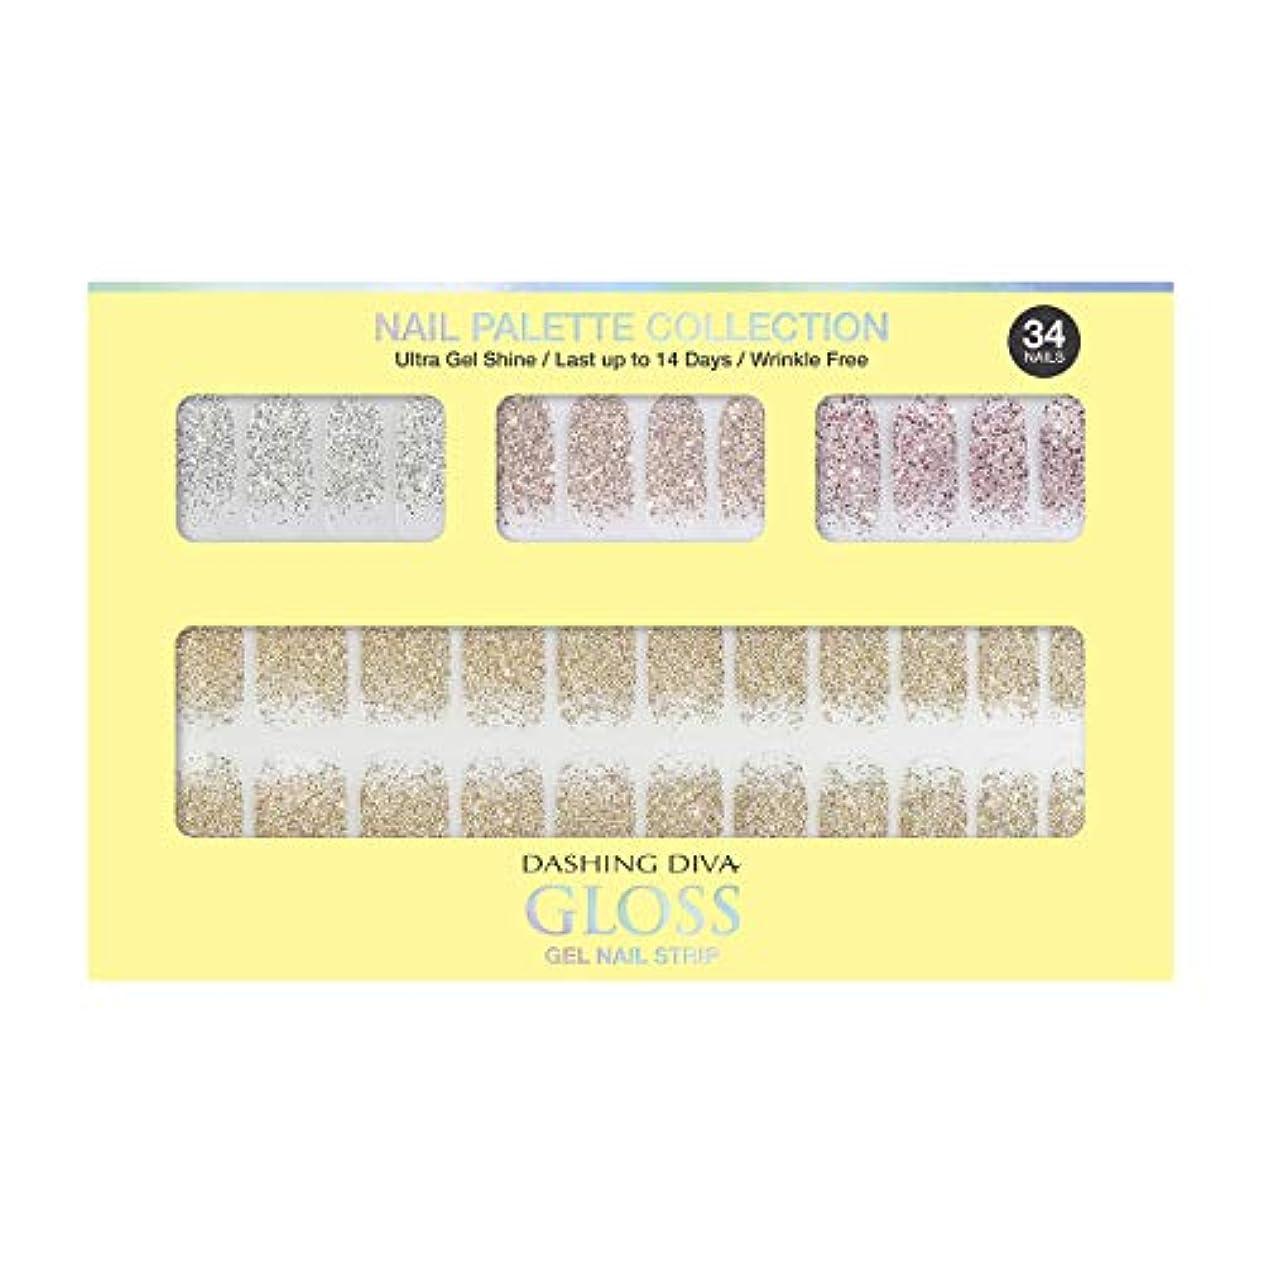 バッフル持続的サイレンダッシングディバ グロスジェル ネイルストリップ DASHING DIVA Gloss Gel Nail Strip DGNP07-DURY+ オリジナルジェル ネイルシール Lemon #07 Sparkling Powder